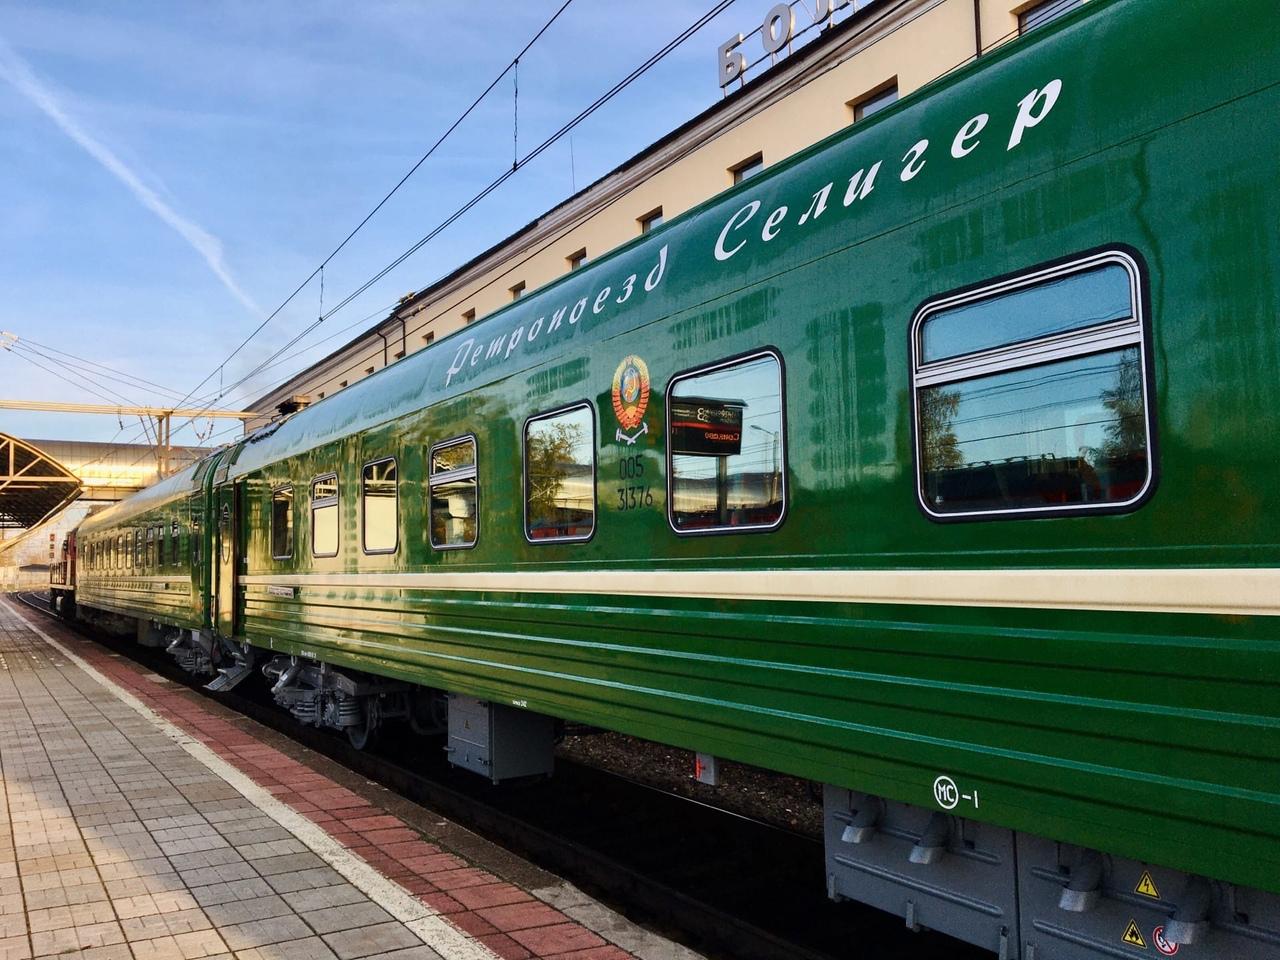 Ретропоезд «Селигер» начал курсировать с новыми пассажирскими вагонами